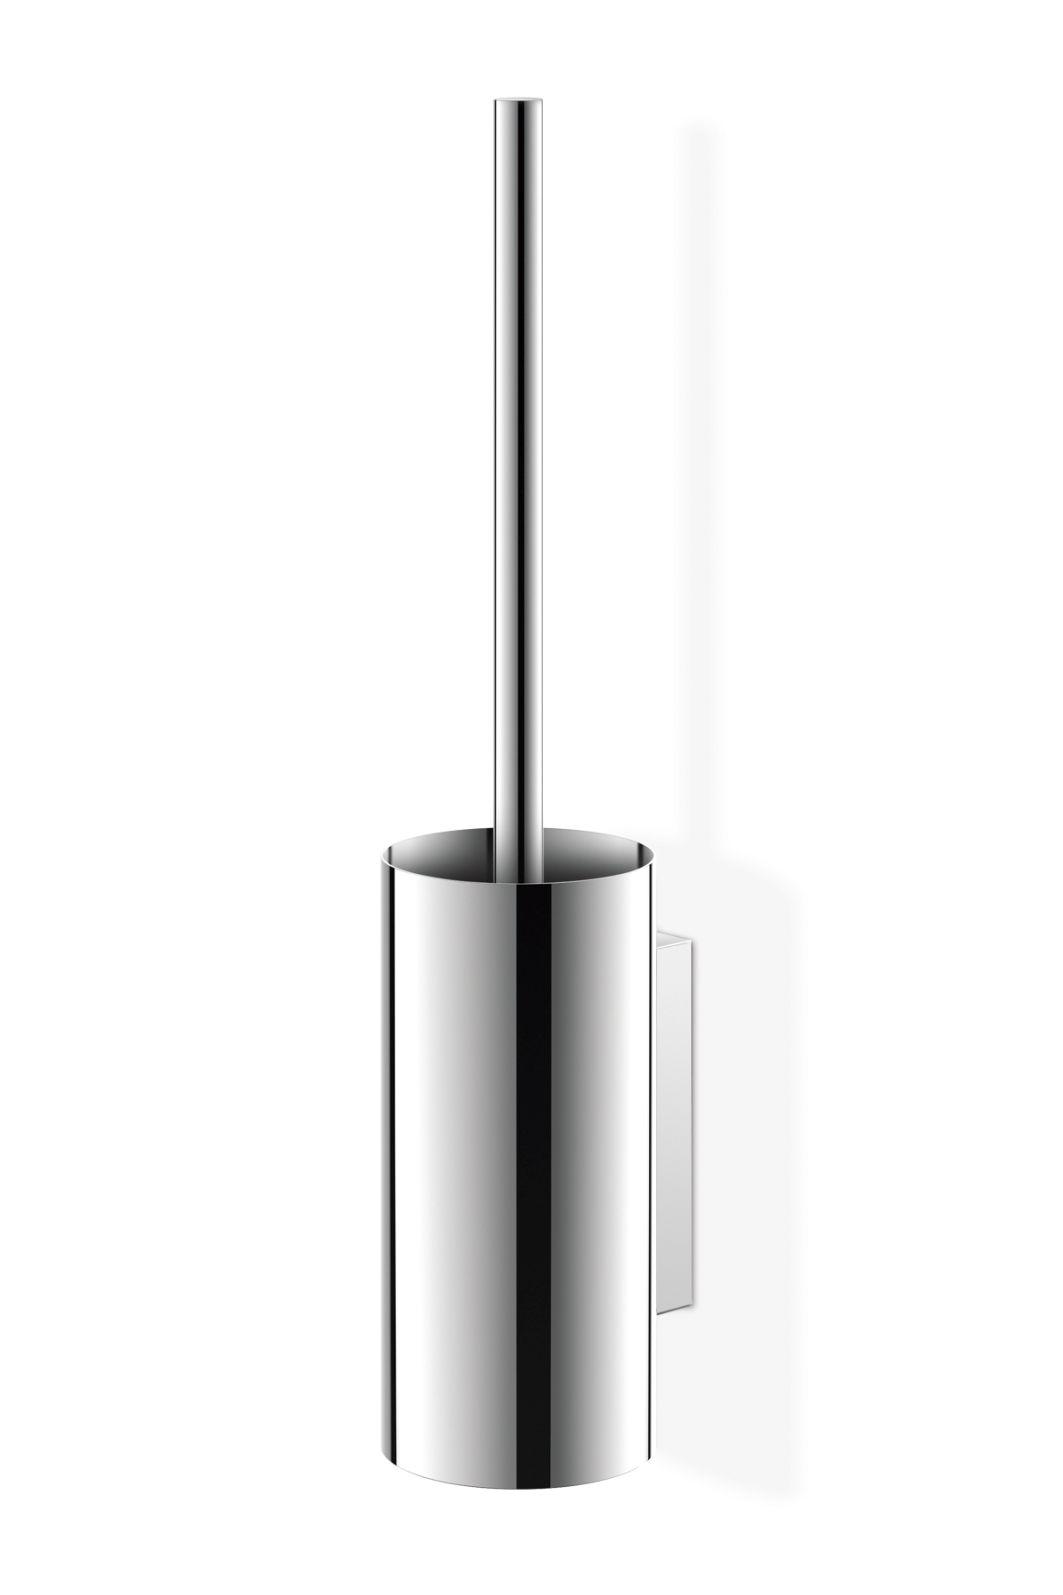 Nástěnná WC štětka LINEA, lesklá 44 cm - ZACK